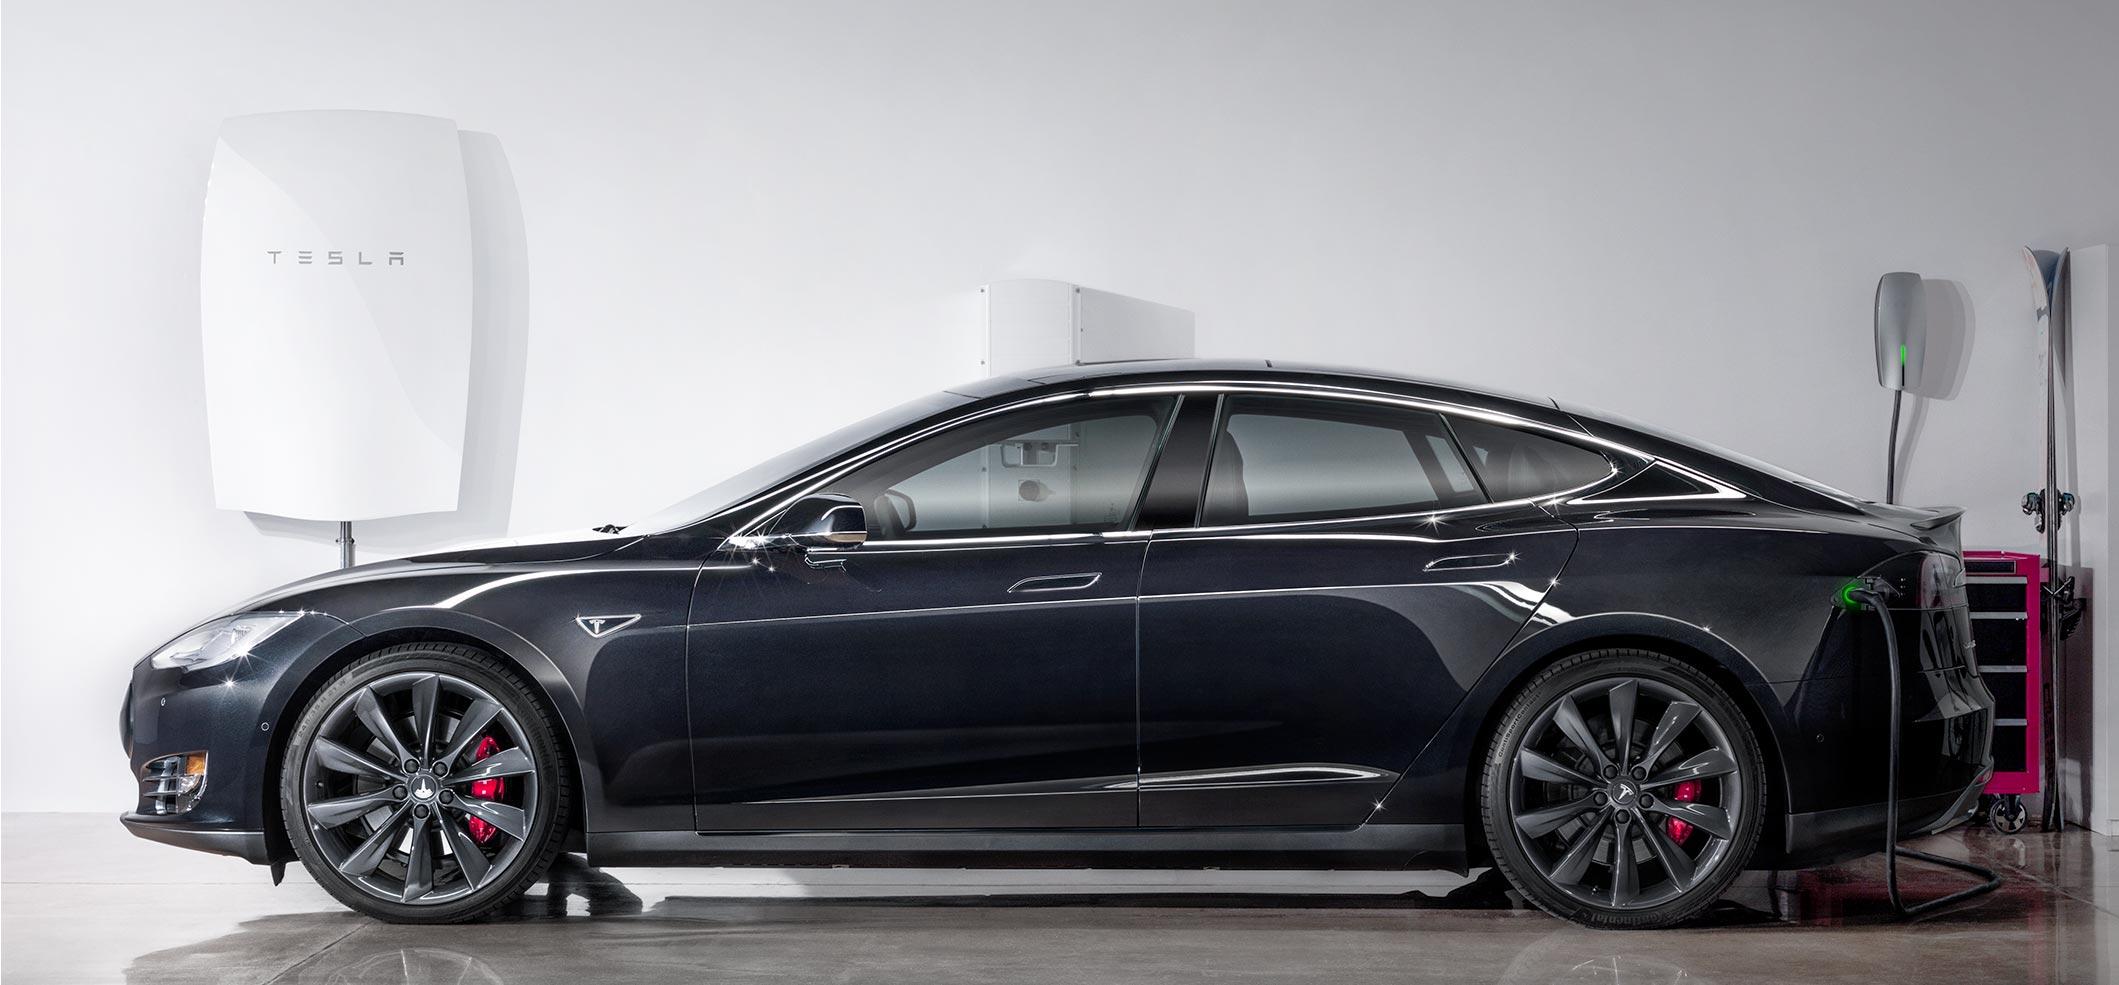 Na naszych oczach powstaje elektryczne imperium. Za sterami oczywiście Elon Musk